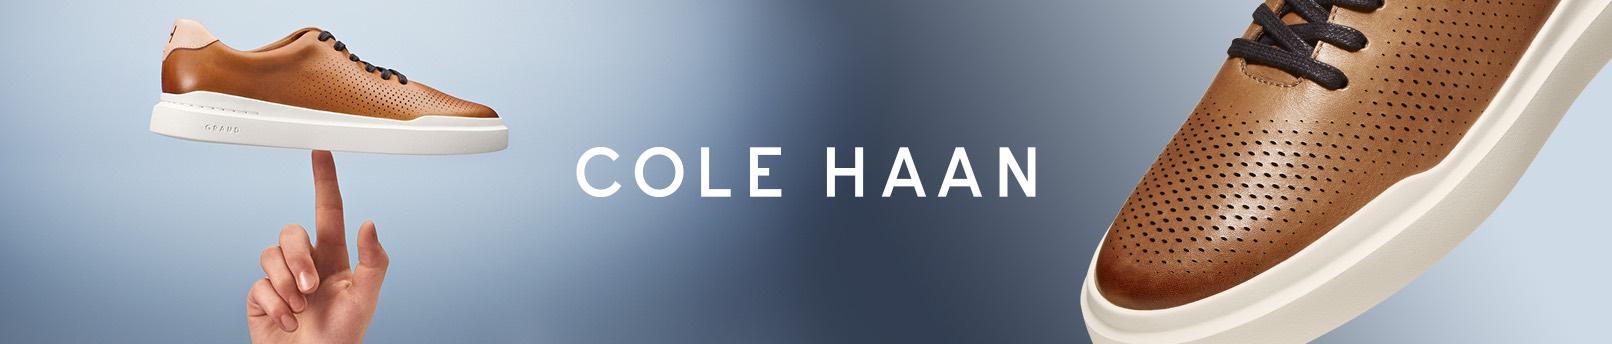 Shop Cole Haan